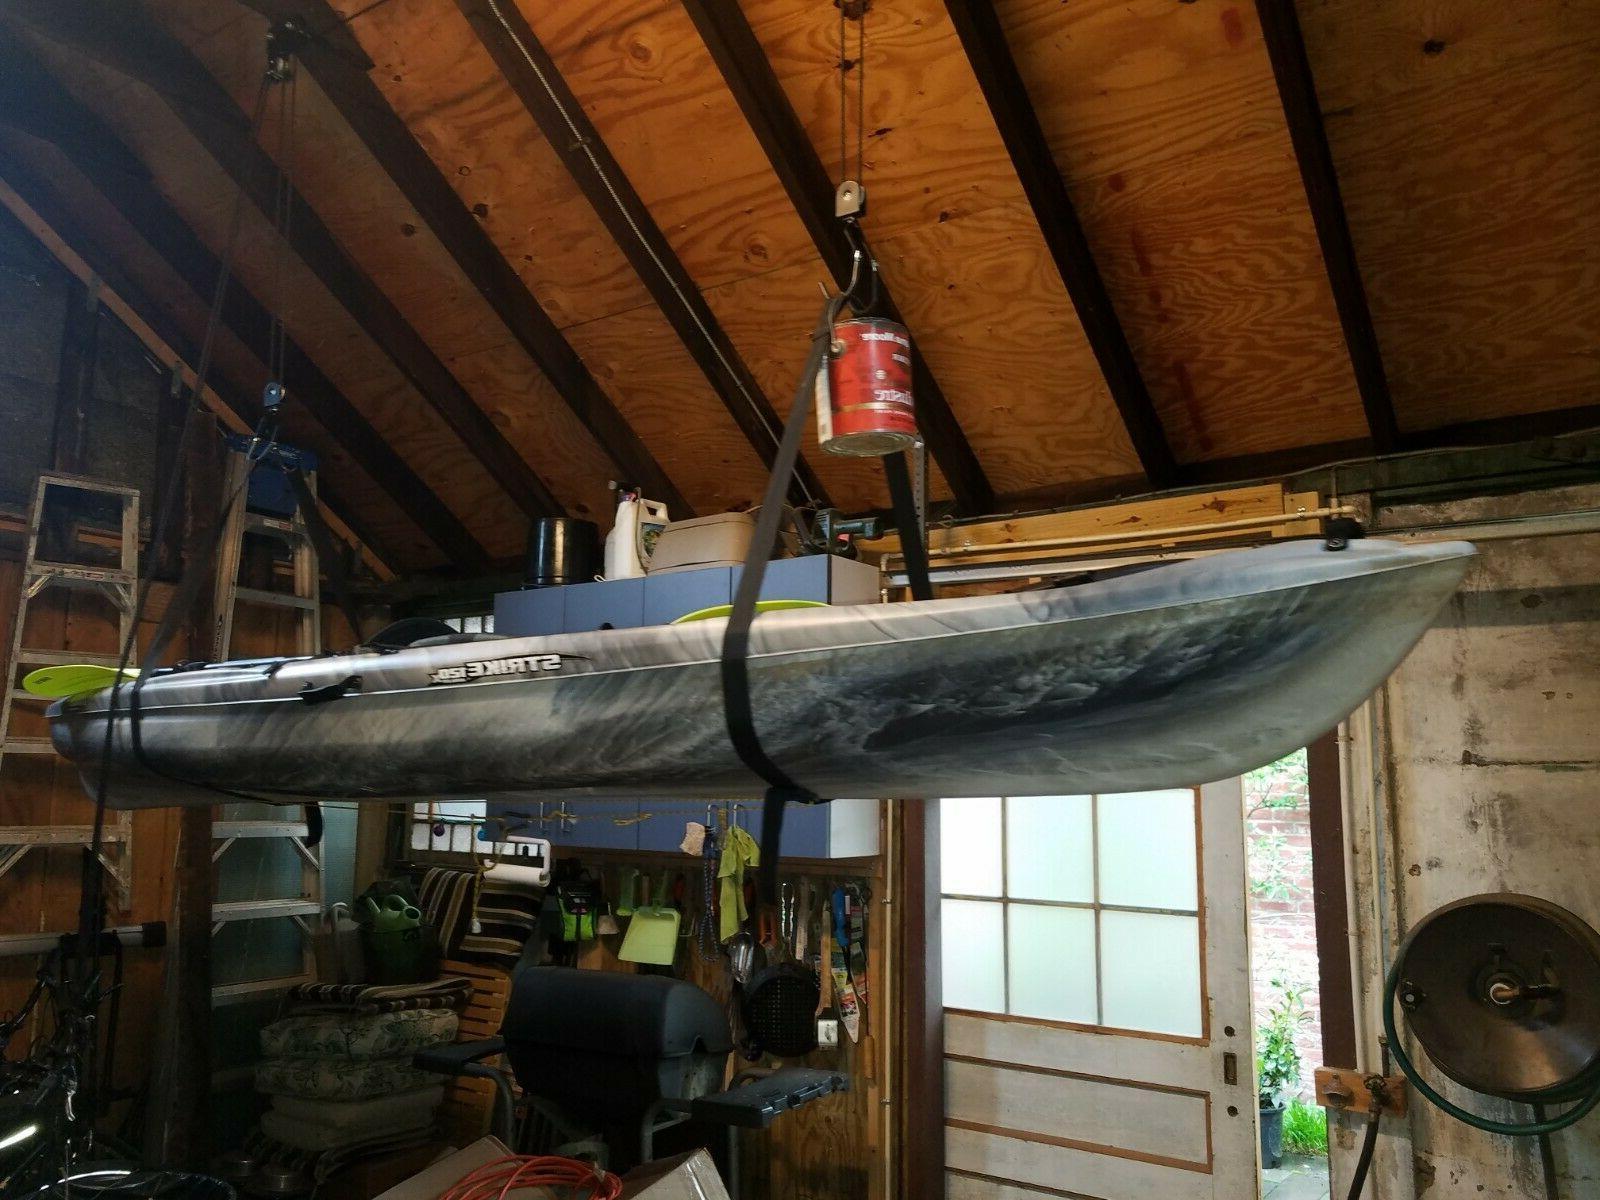 pelican strike 120x sit on top kayak